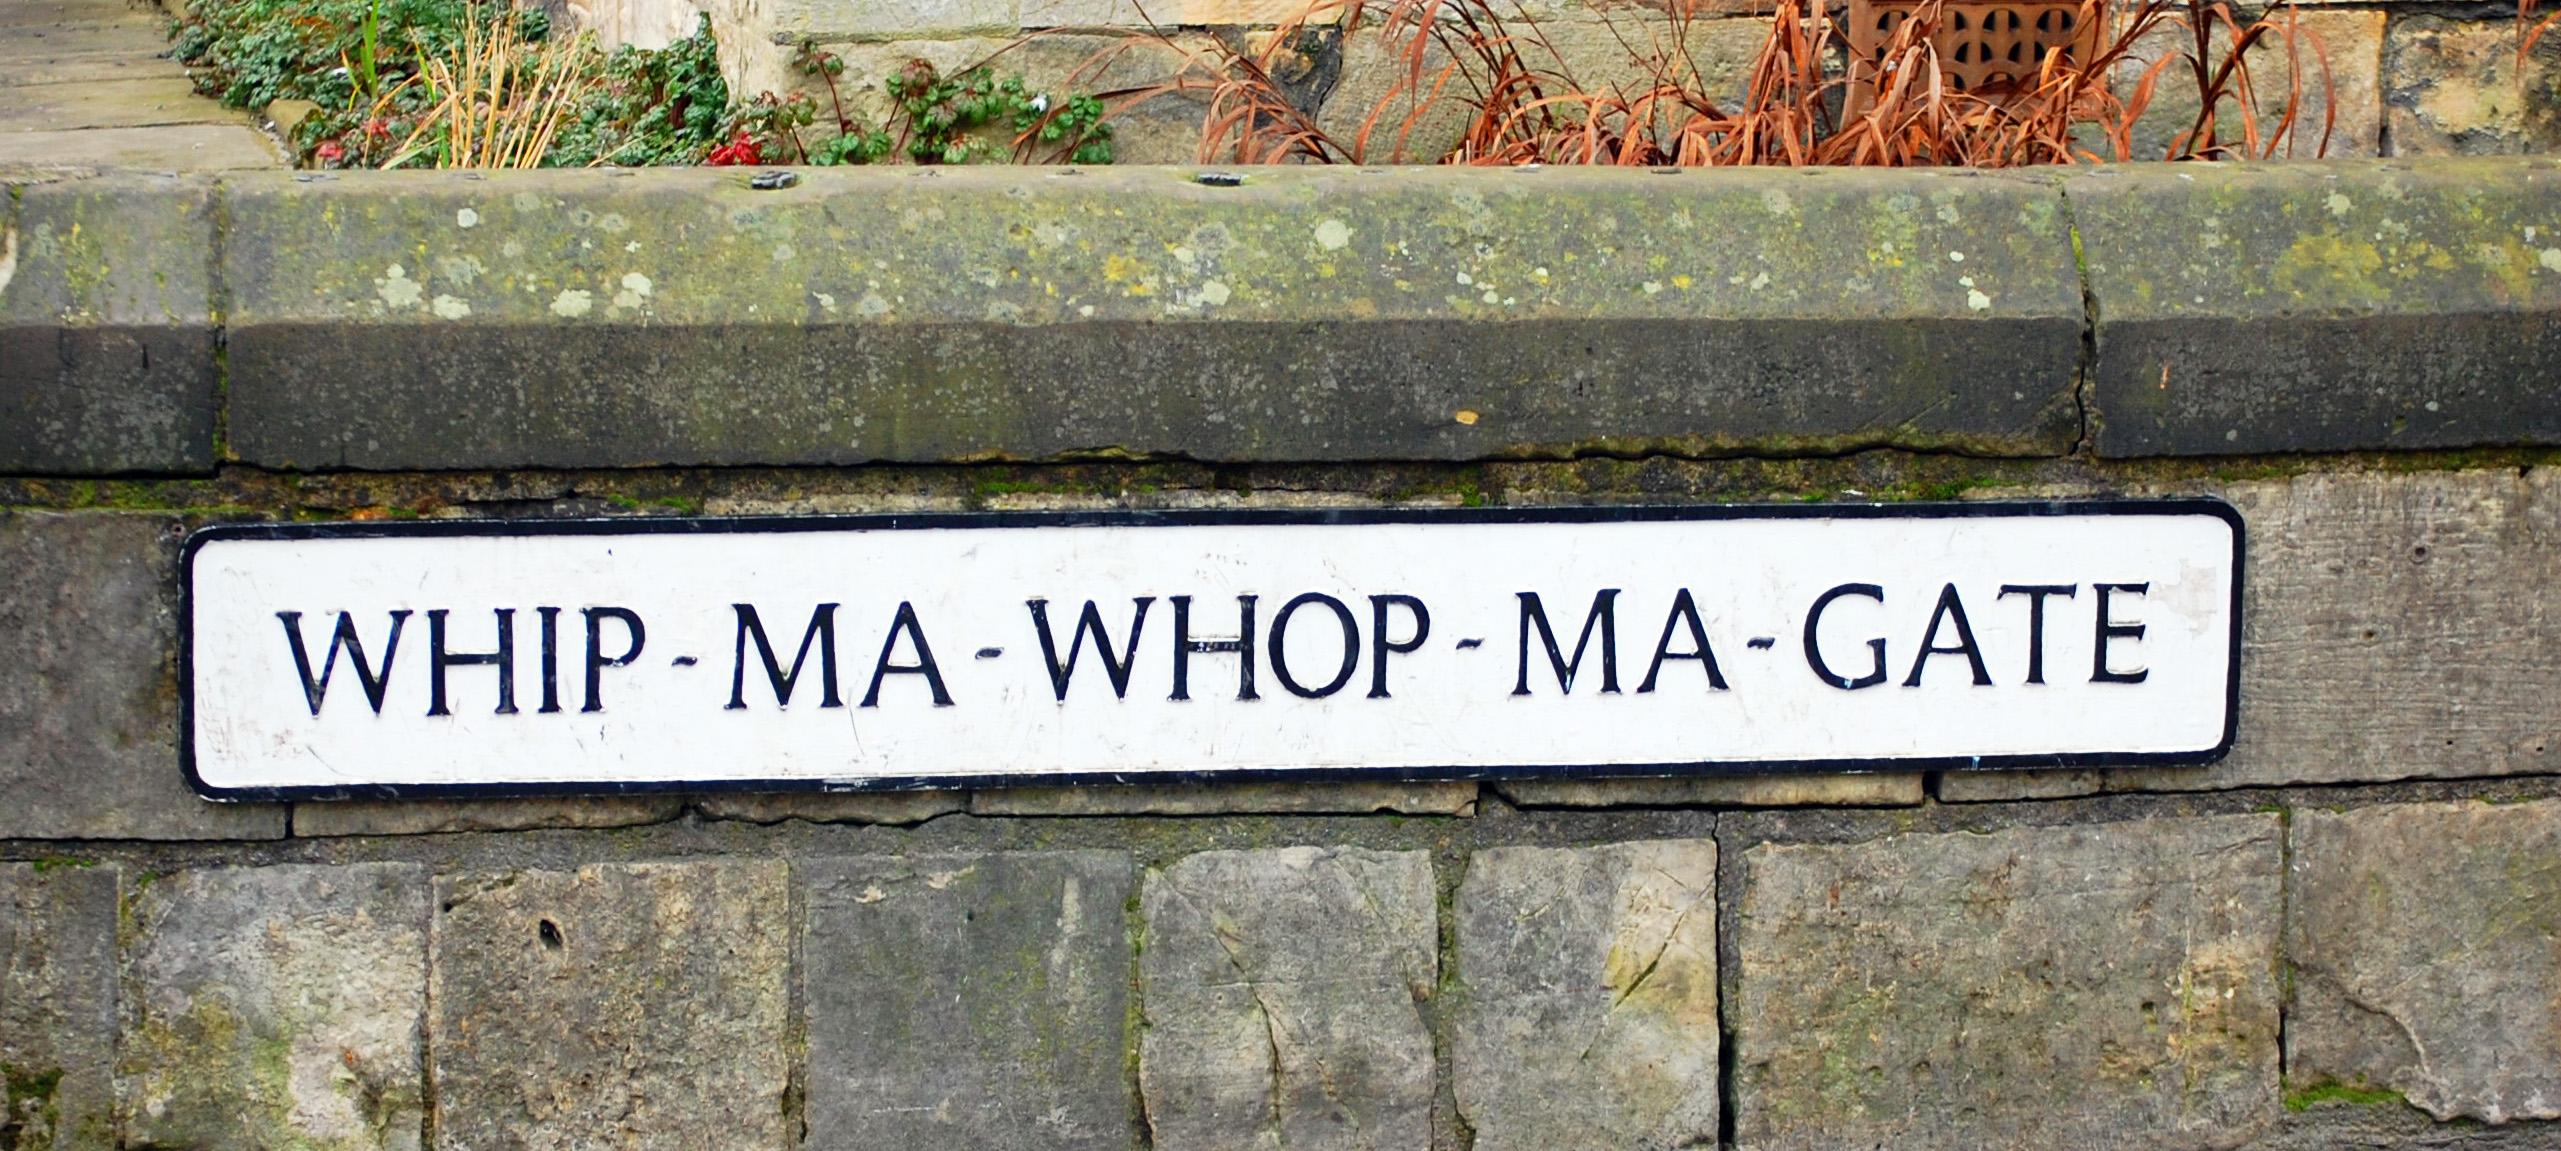 whip ma whop ma gate